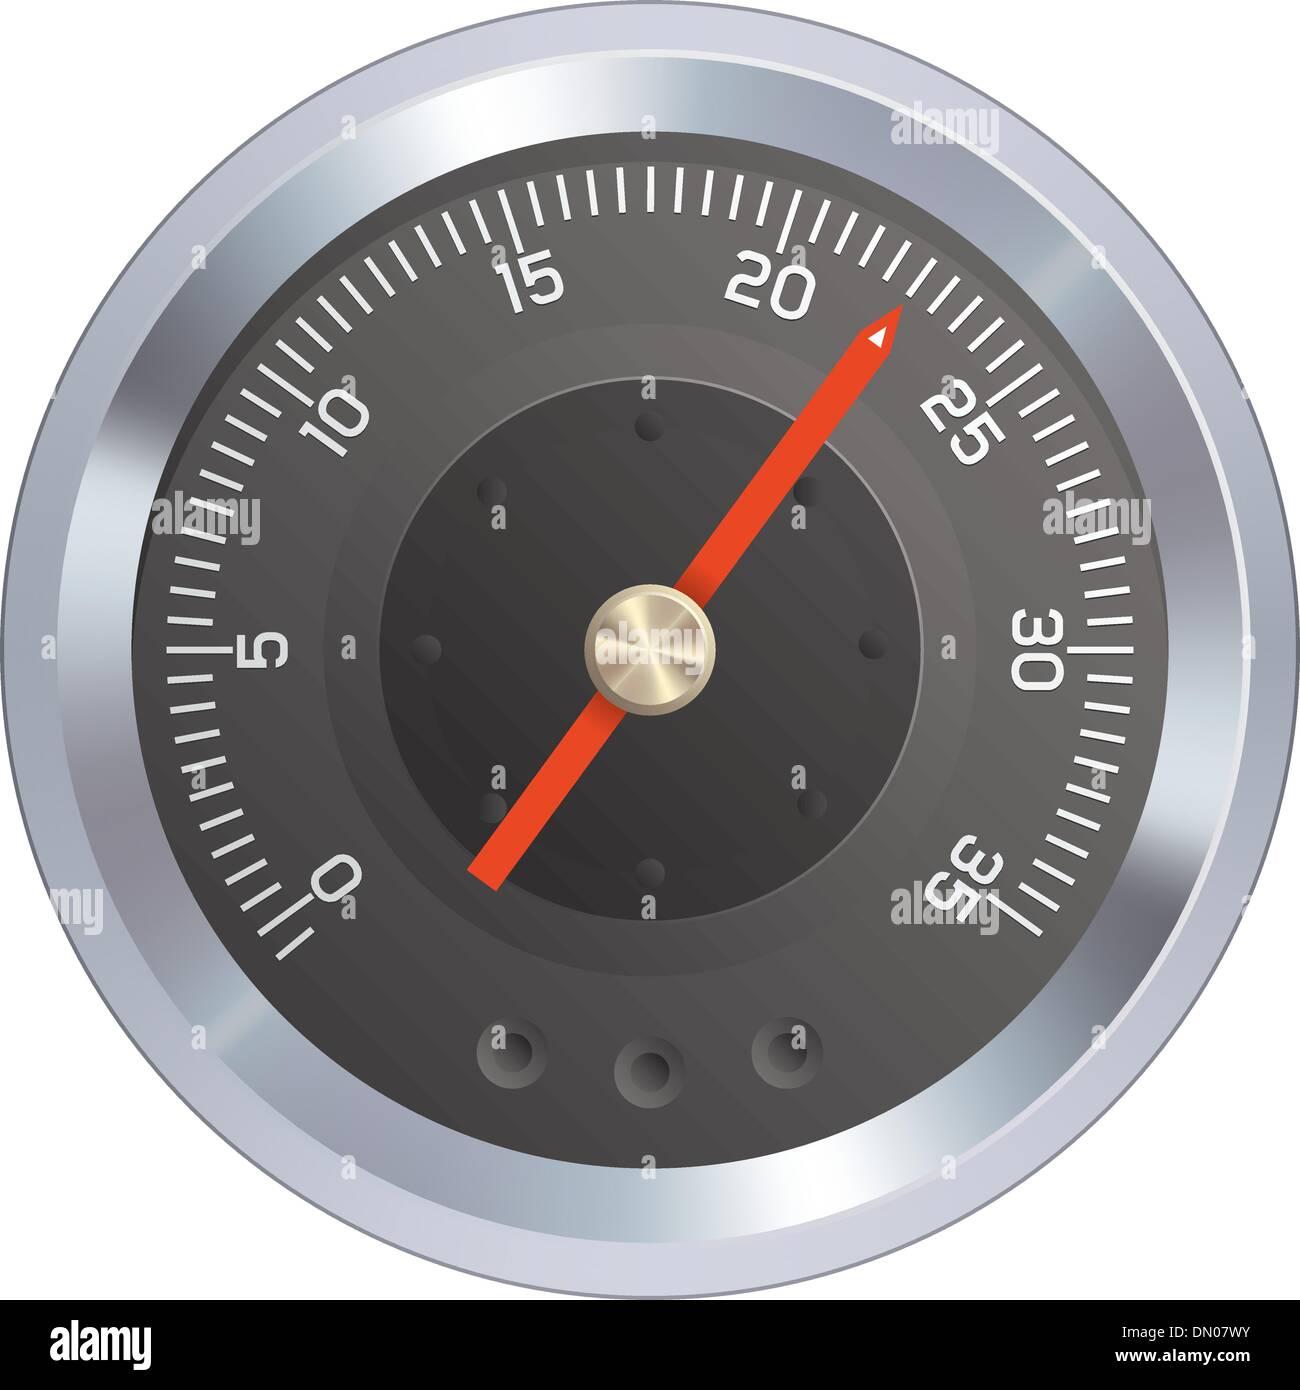 Gauge or meter vector - Stock Vector